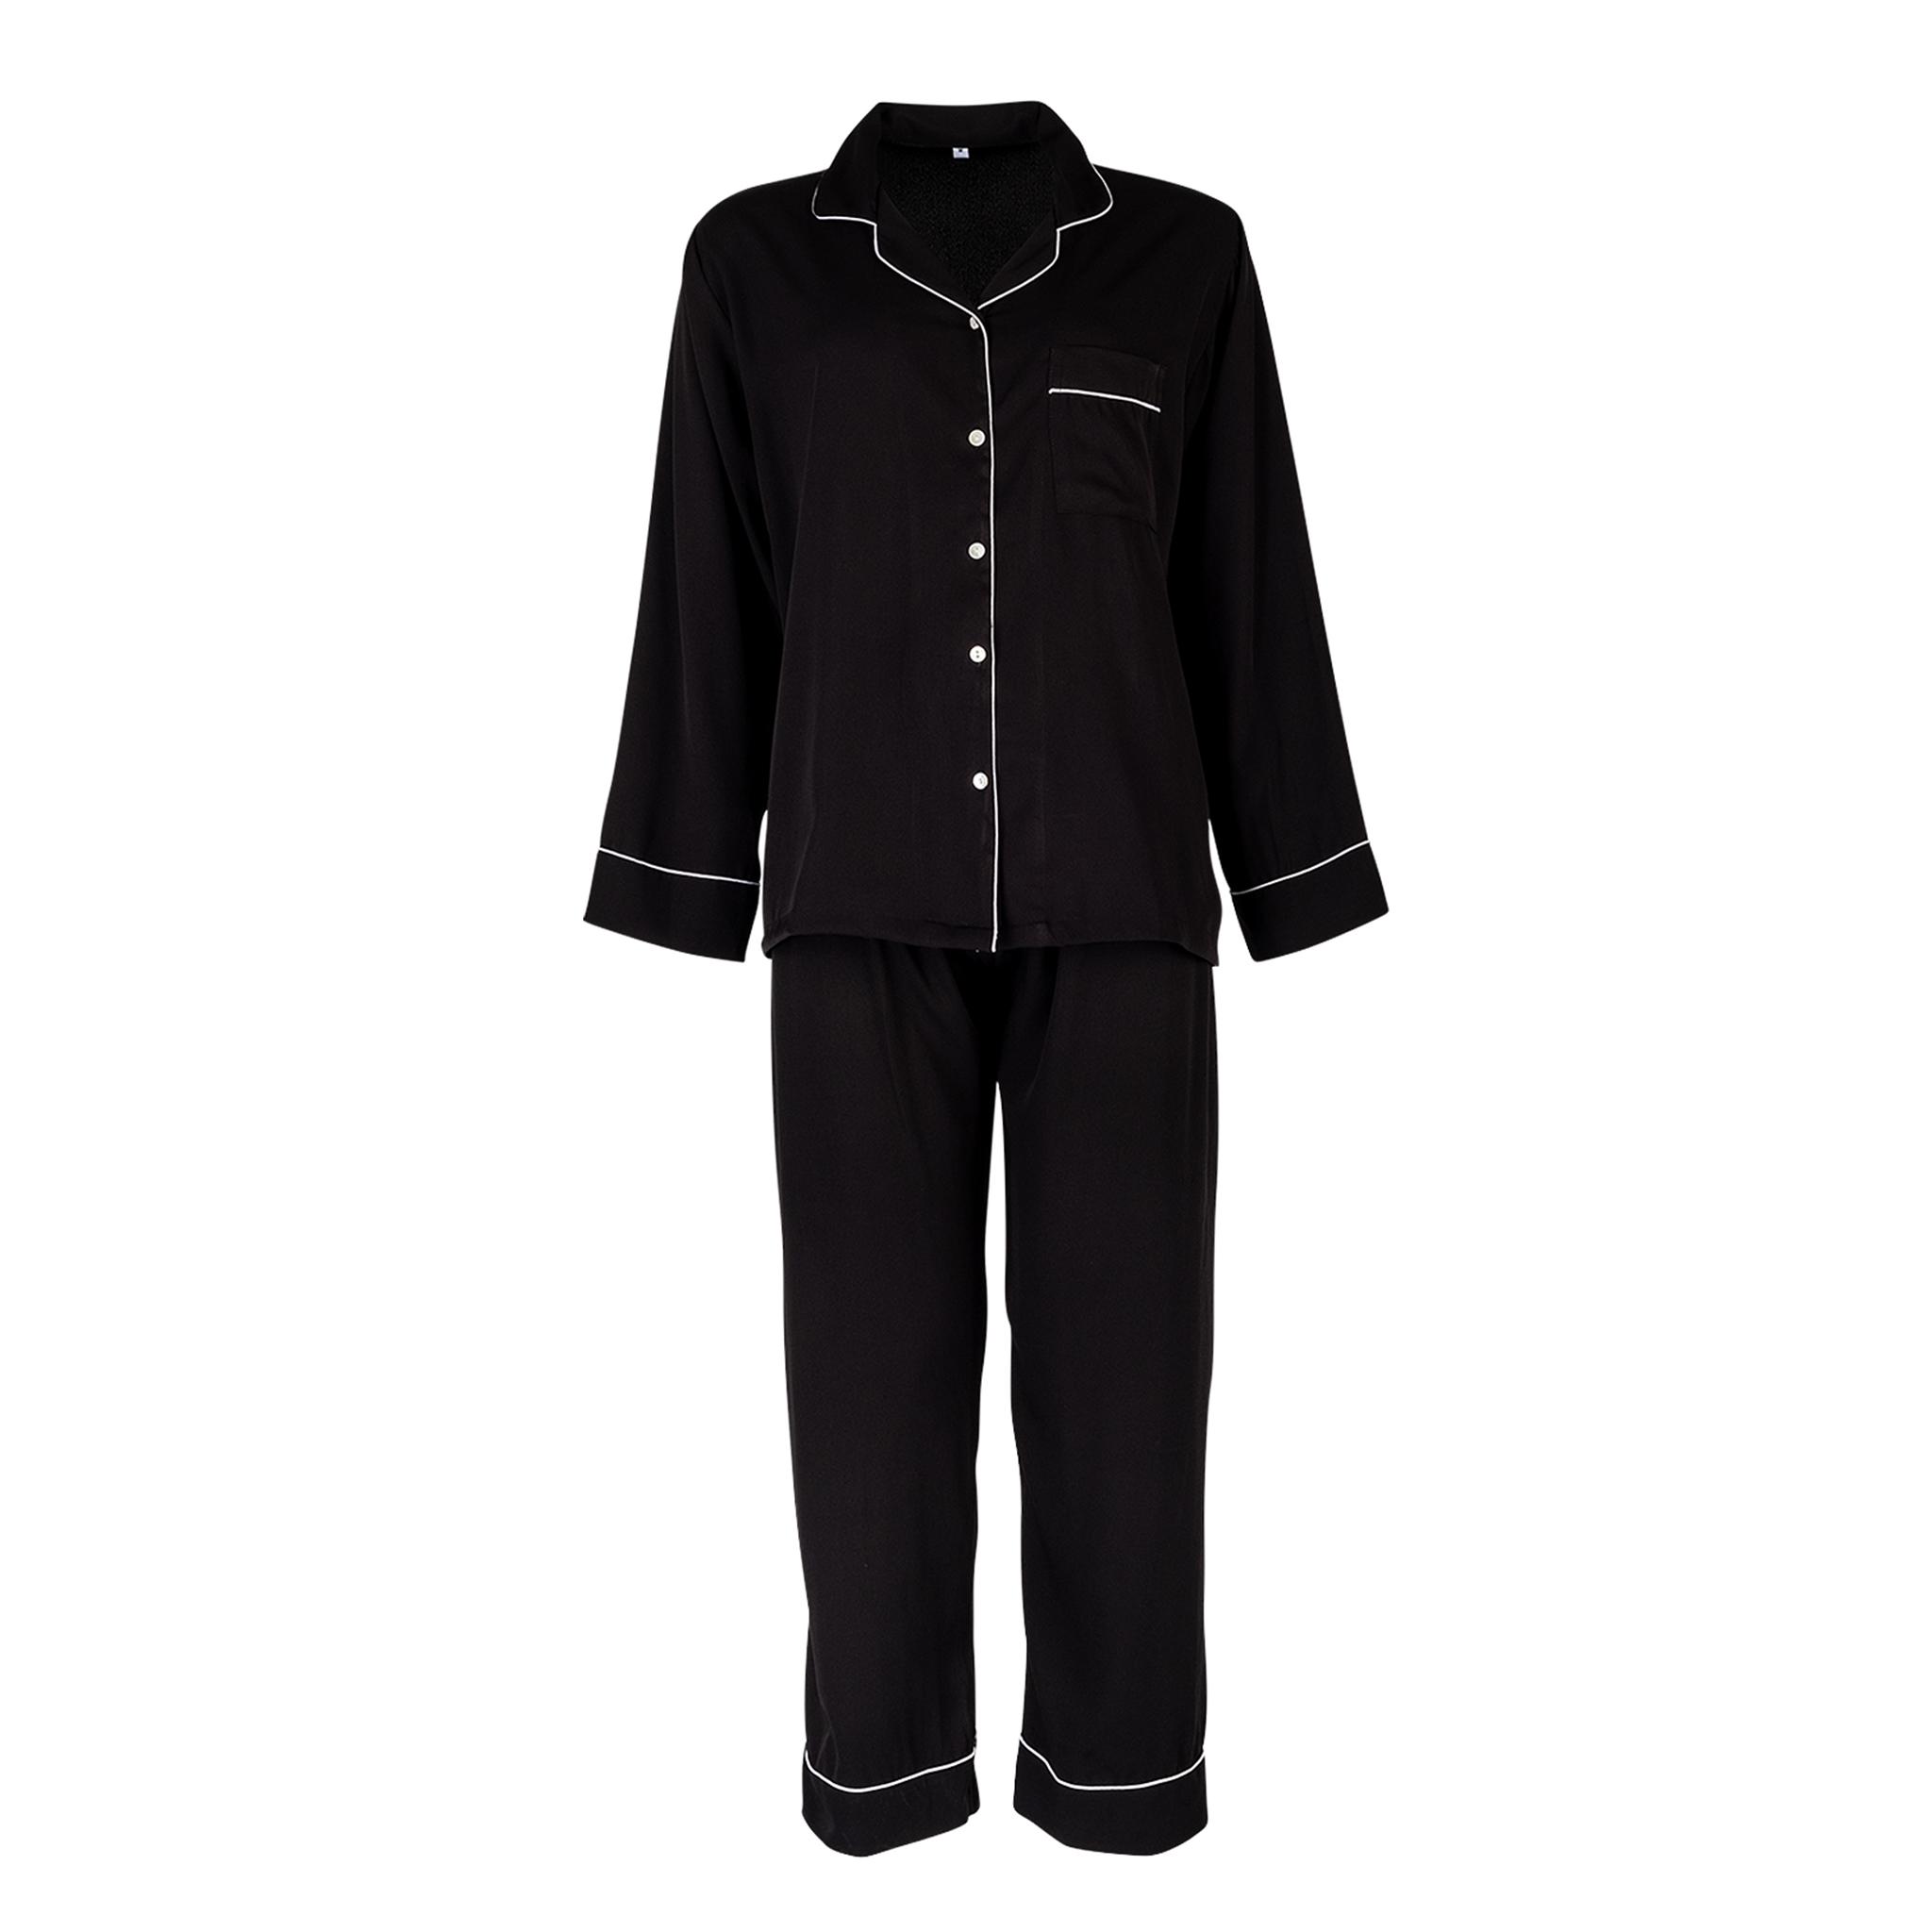 Womens Luxurious Sleepwear & Pyjama Set Classic Black